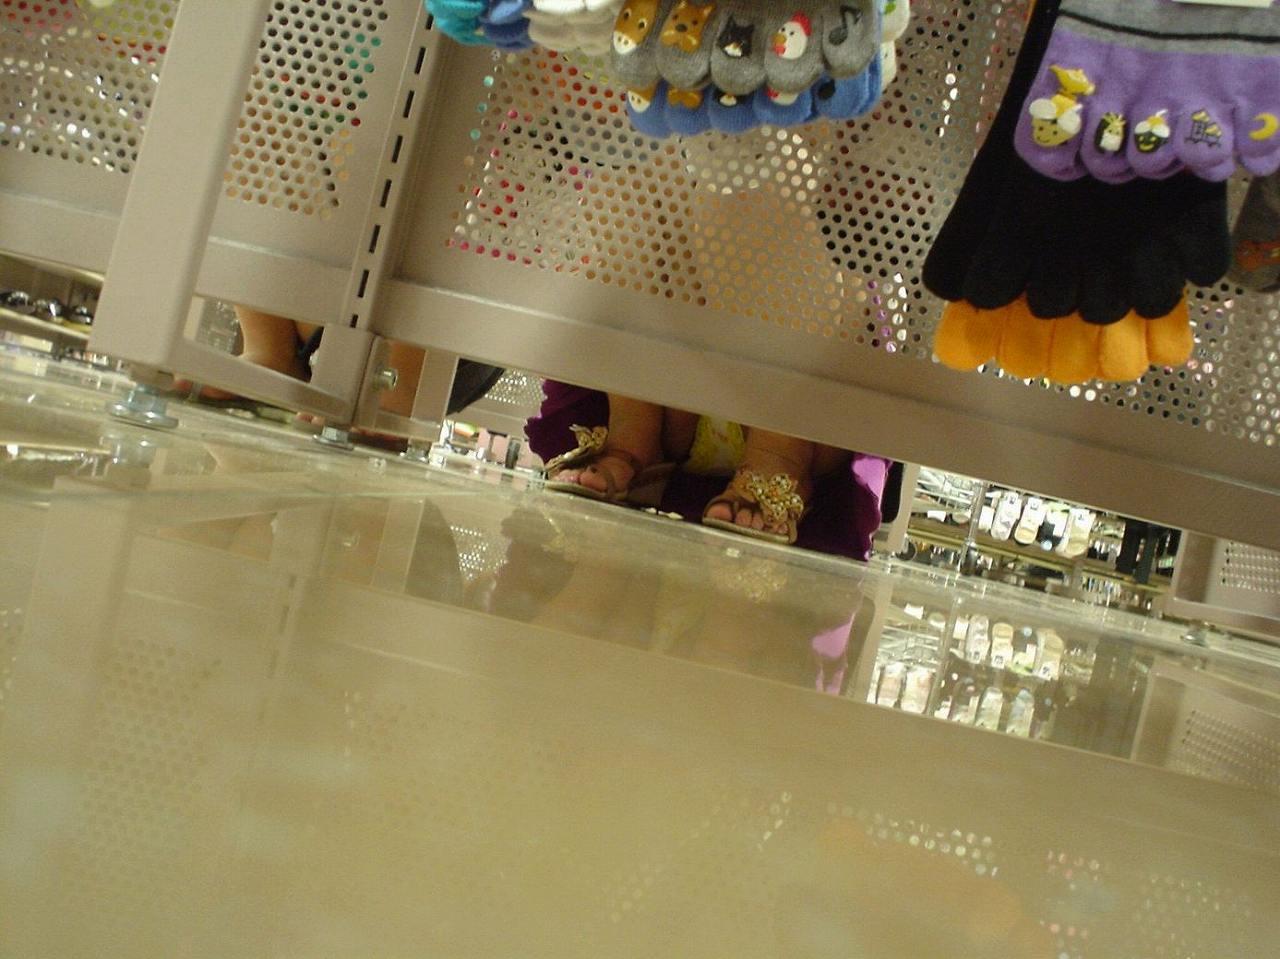 【パンチラエロ画像】お店の棚下から狙い撃つぜぇ!向こう側からミニスカチラwww 21